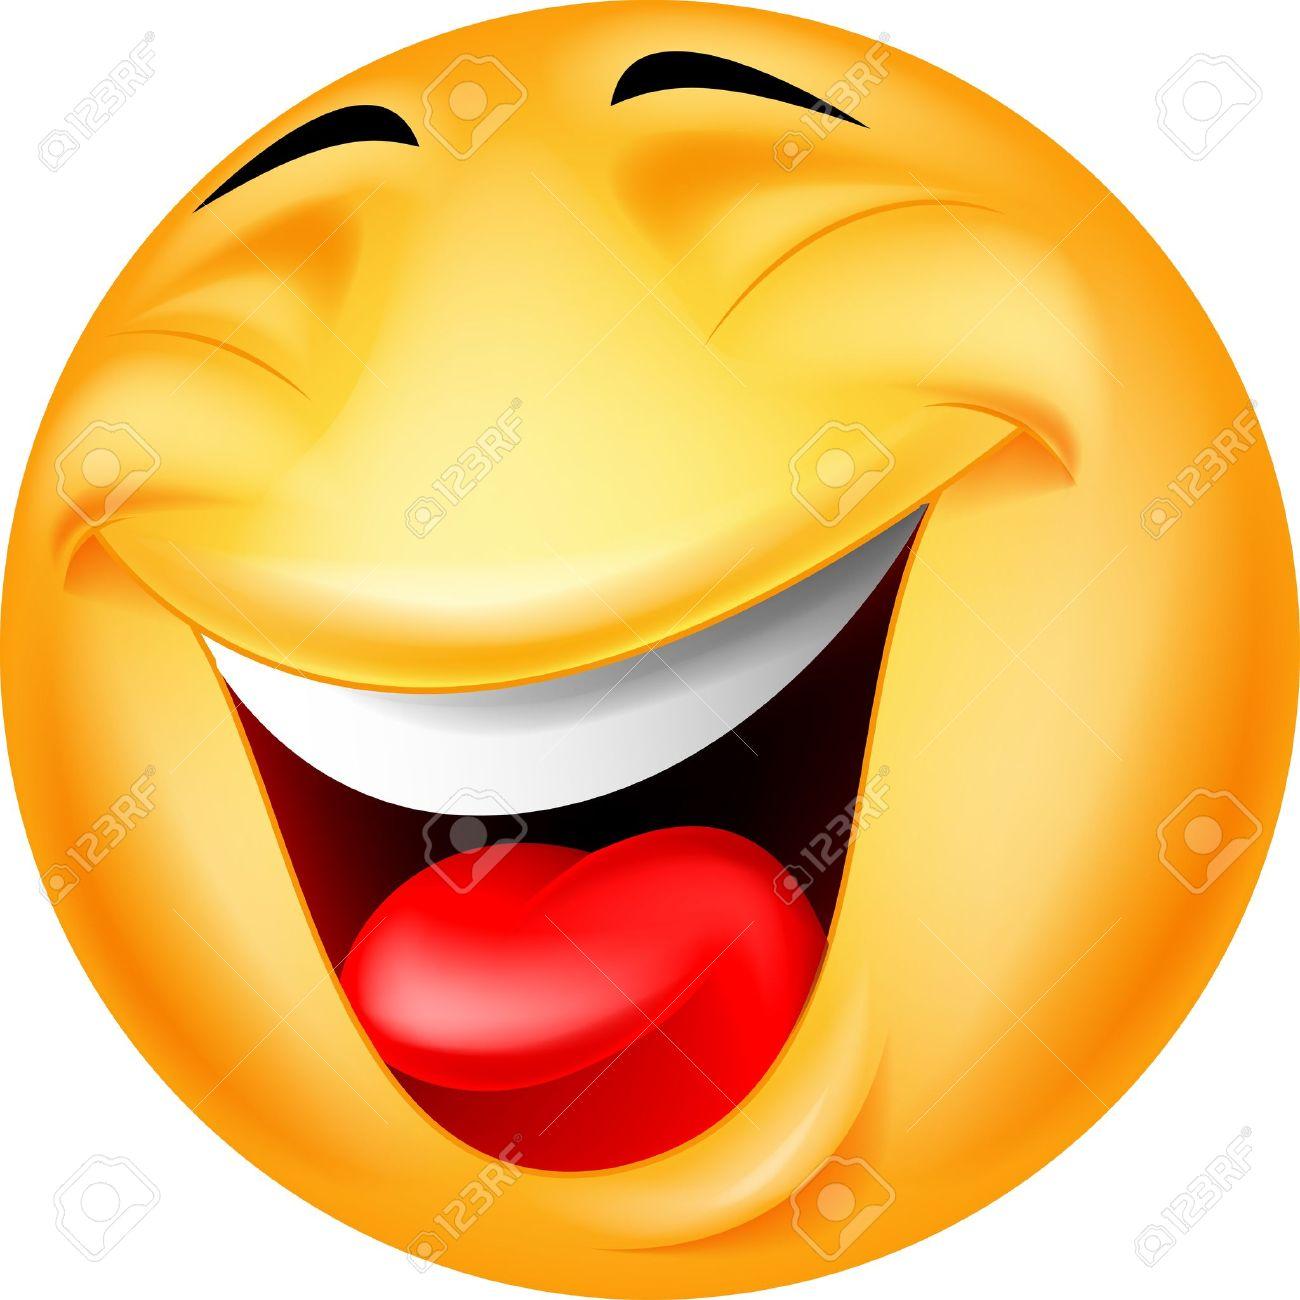 Happy smiley emoticon - 17473777